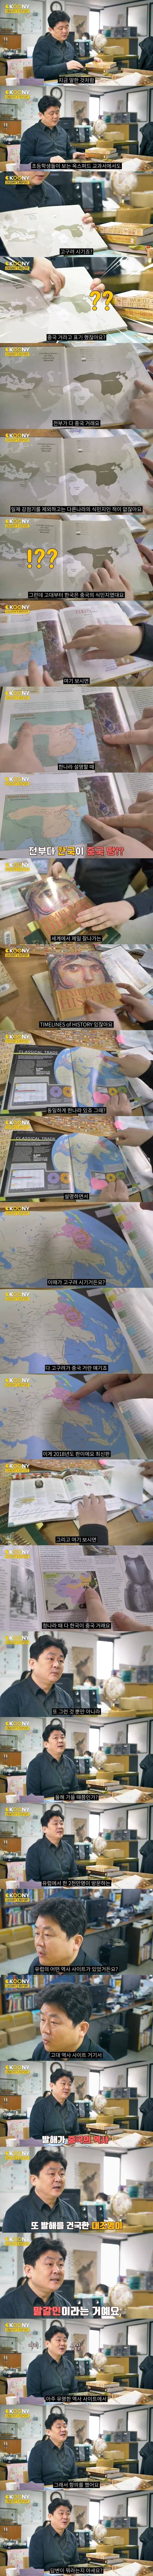 동북공정 근황(2).jpg